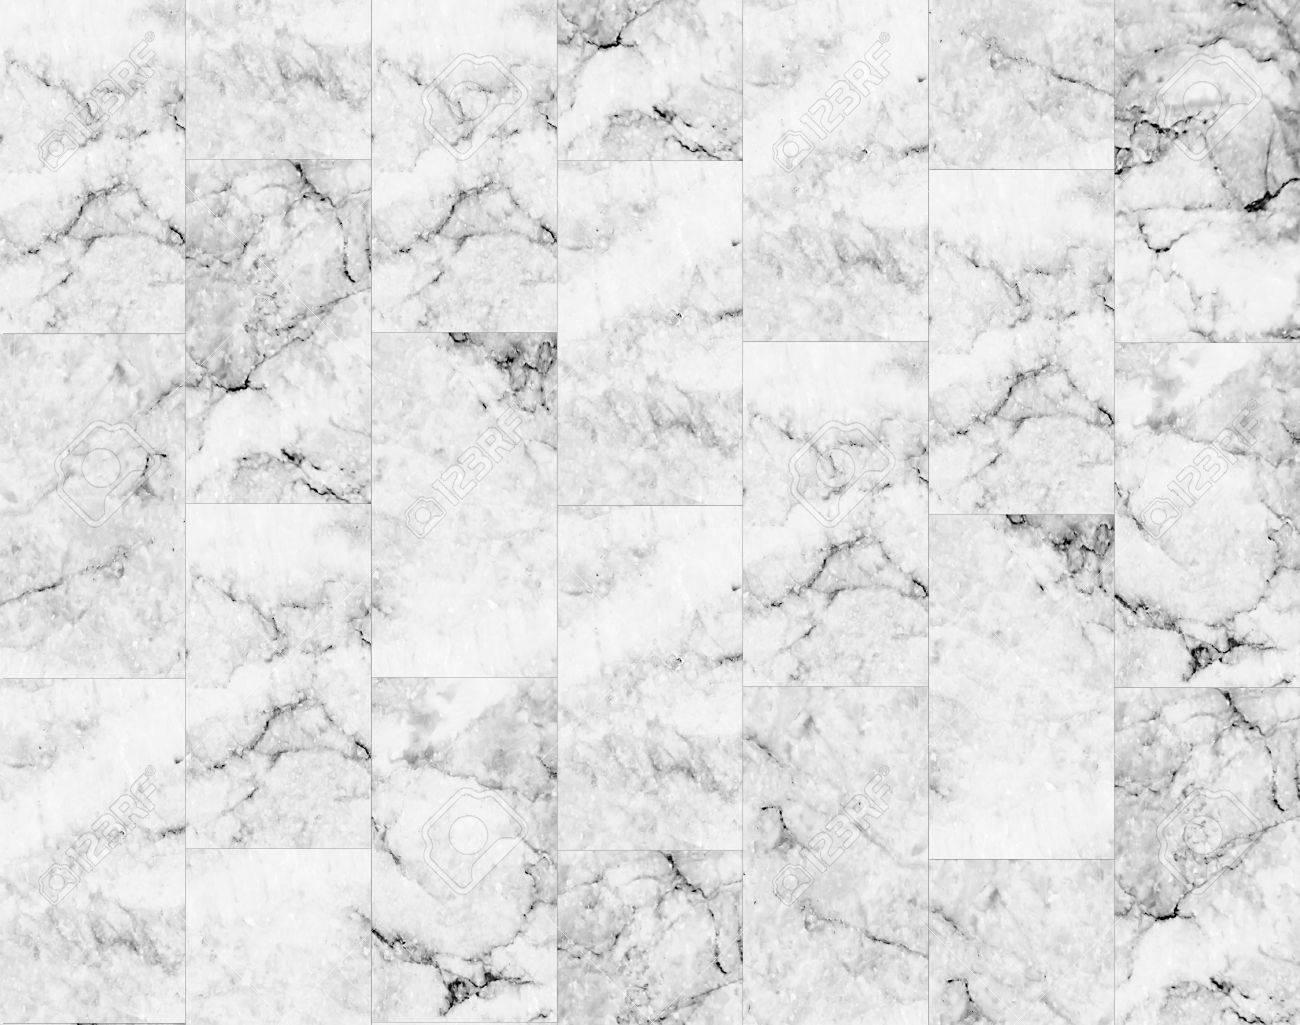 Immagini Stock Il Lusso Delle Piastrelle Di Marmo Bianco Tessitura